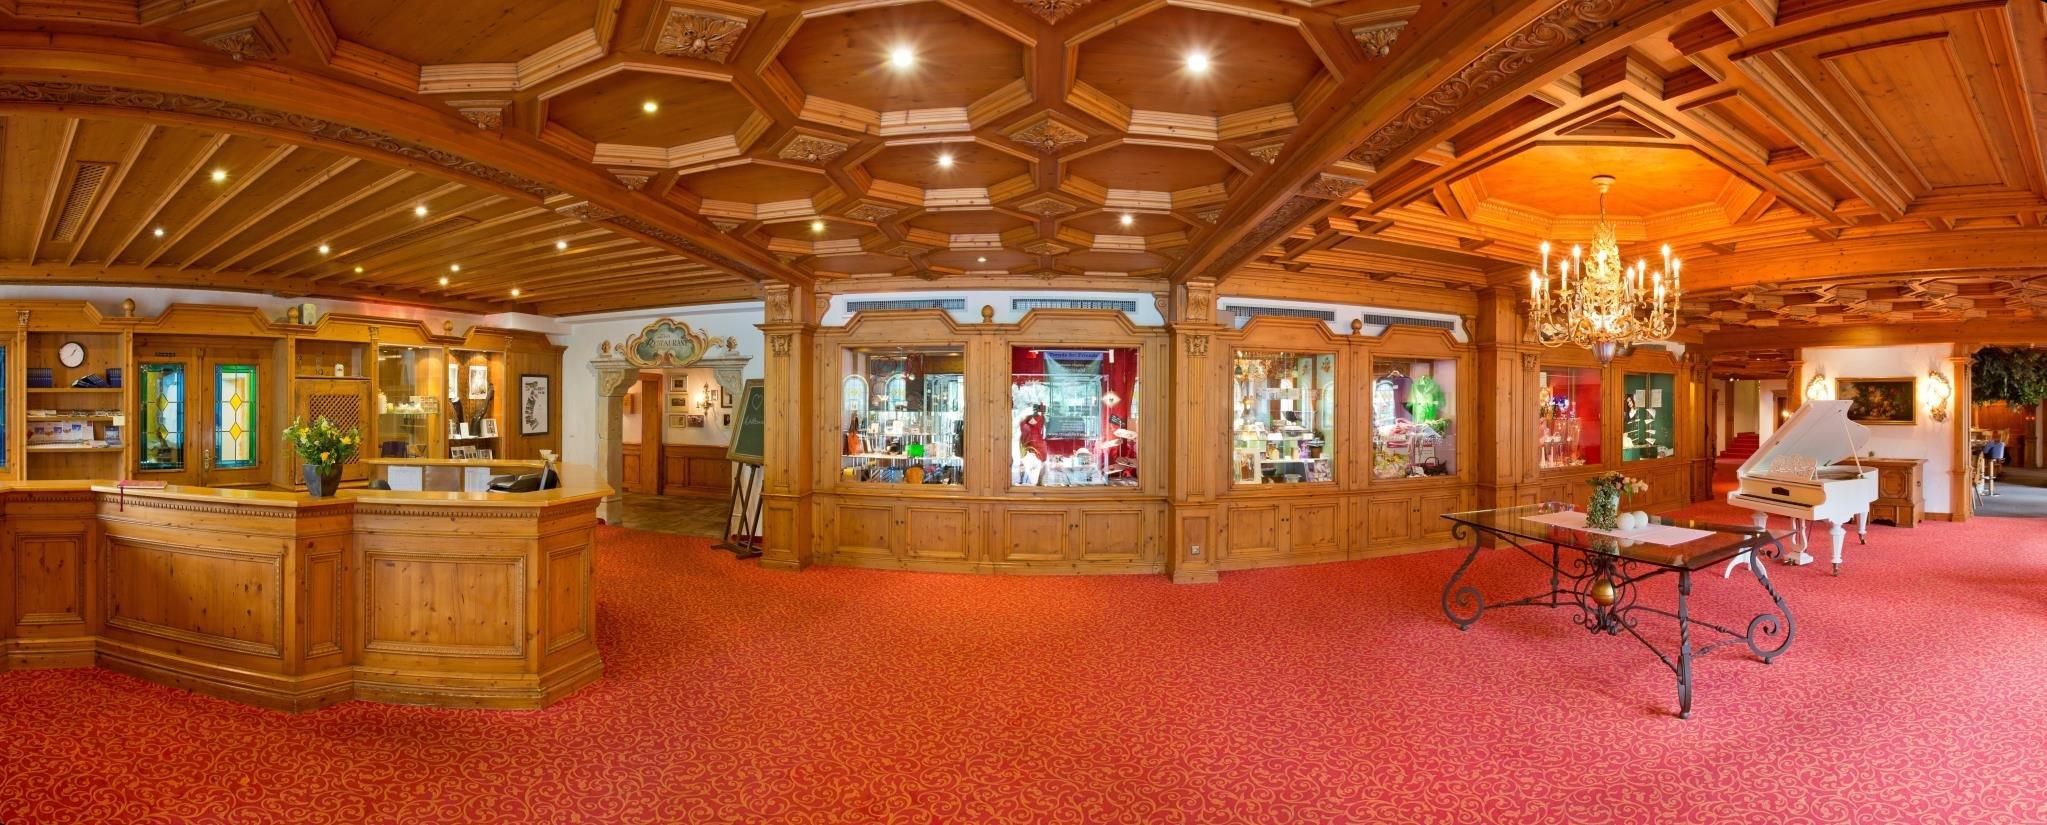 1  Mai Special Im Hotel Bellevue Spa  U0026 Resort Reiterhof